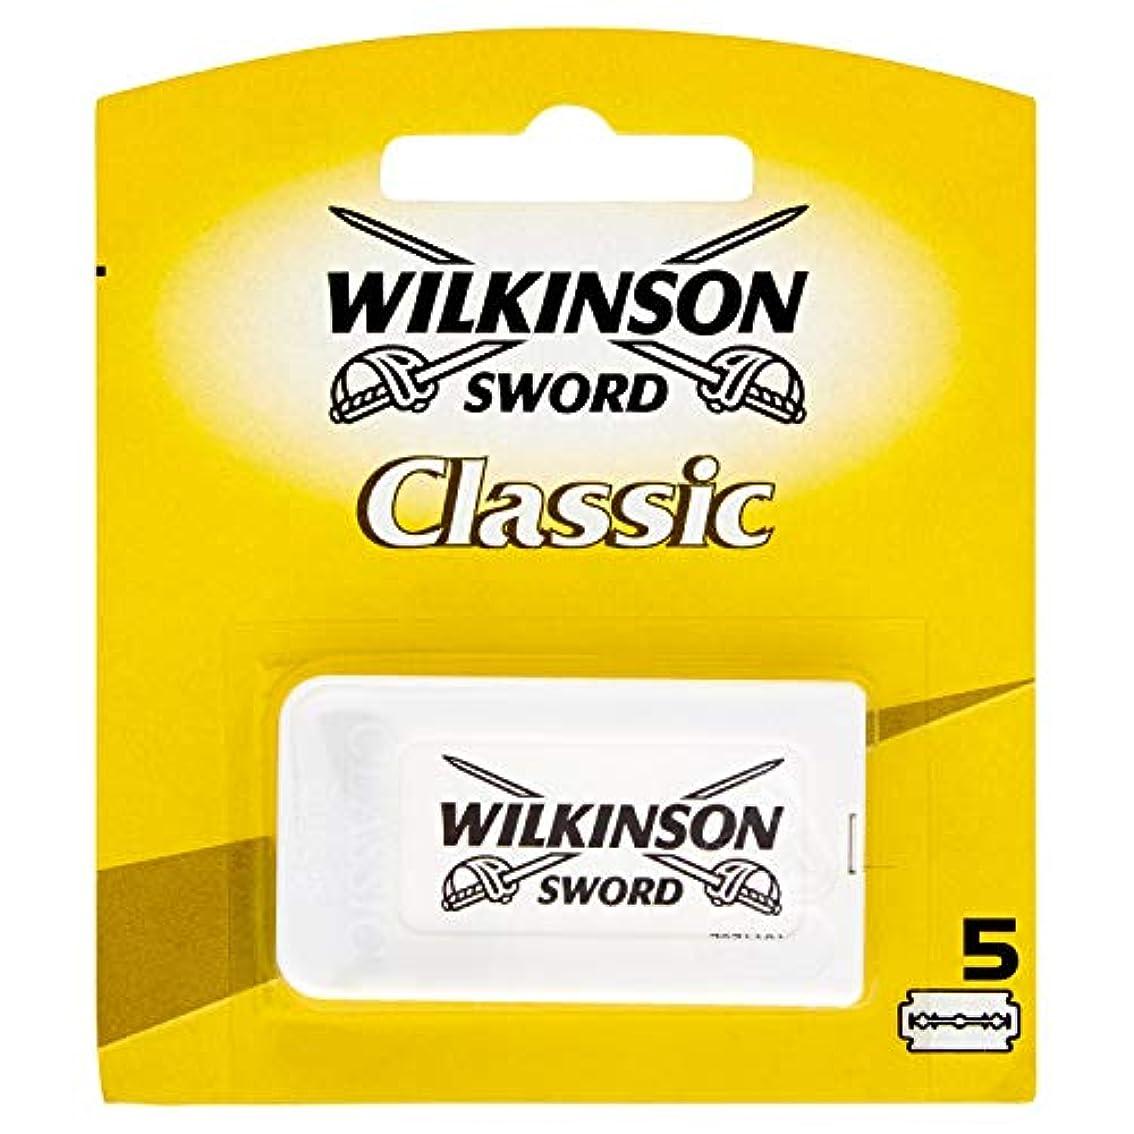 駐地日付報酬Wilkinson Sword(ウィルキンソンソード) Classic 両刃替刃 5個入り [並行輸入品]